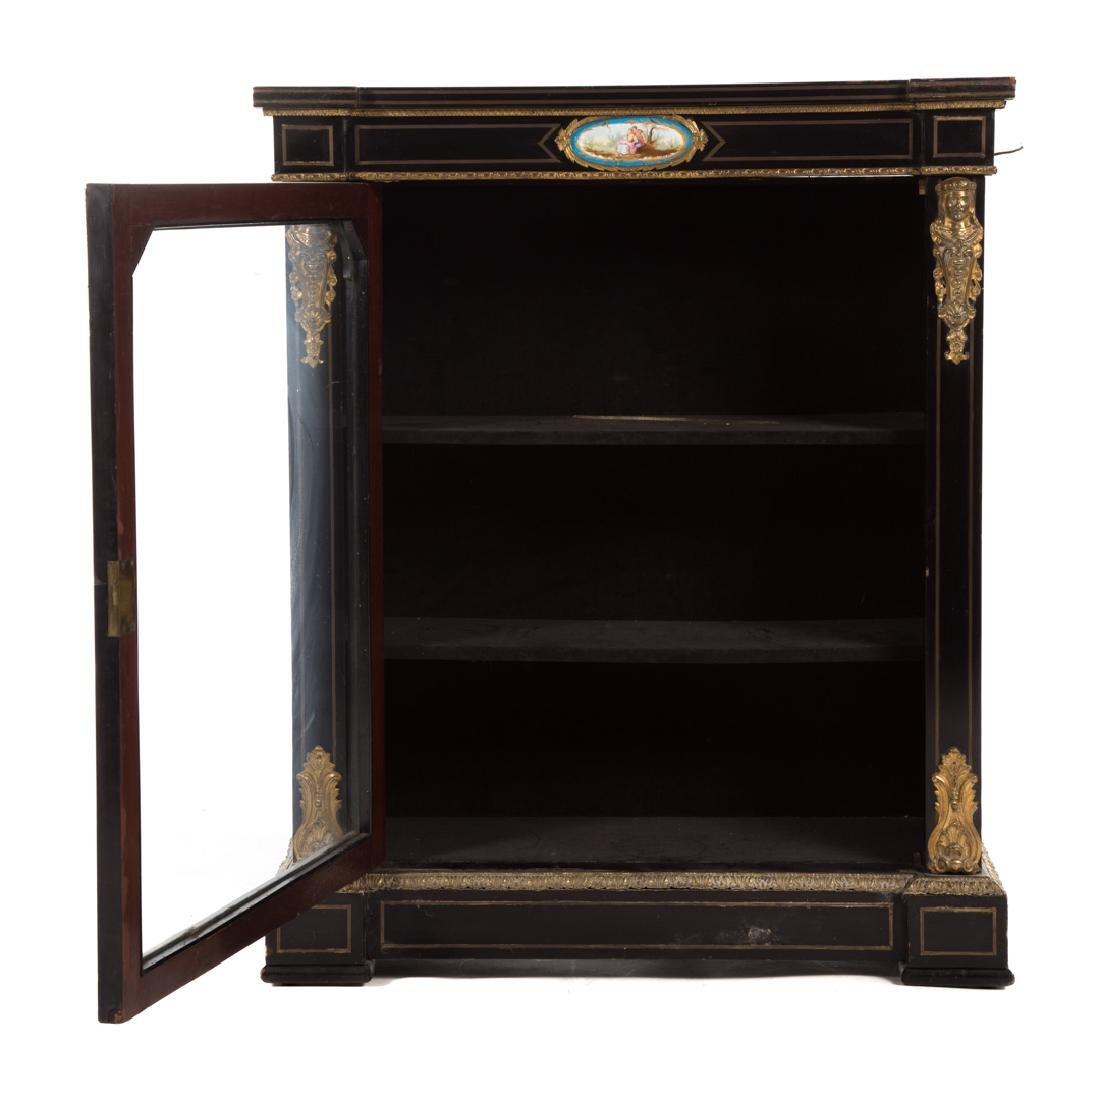 Napoleon III ebonized wood bibliotheque - 2